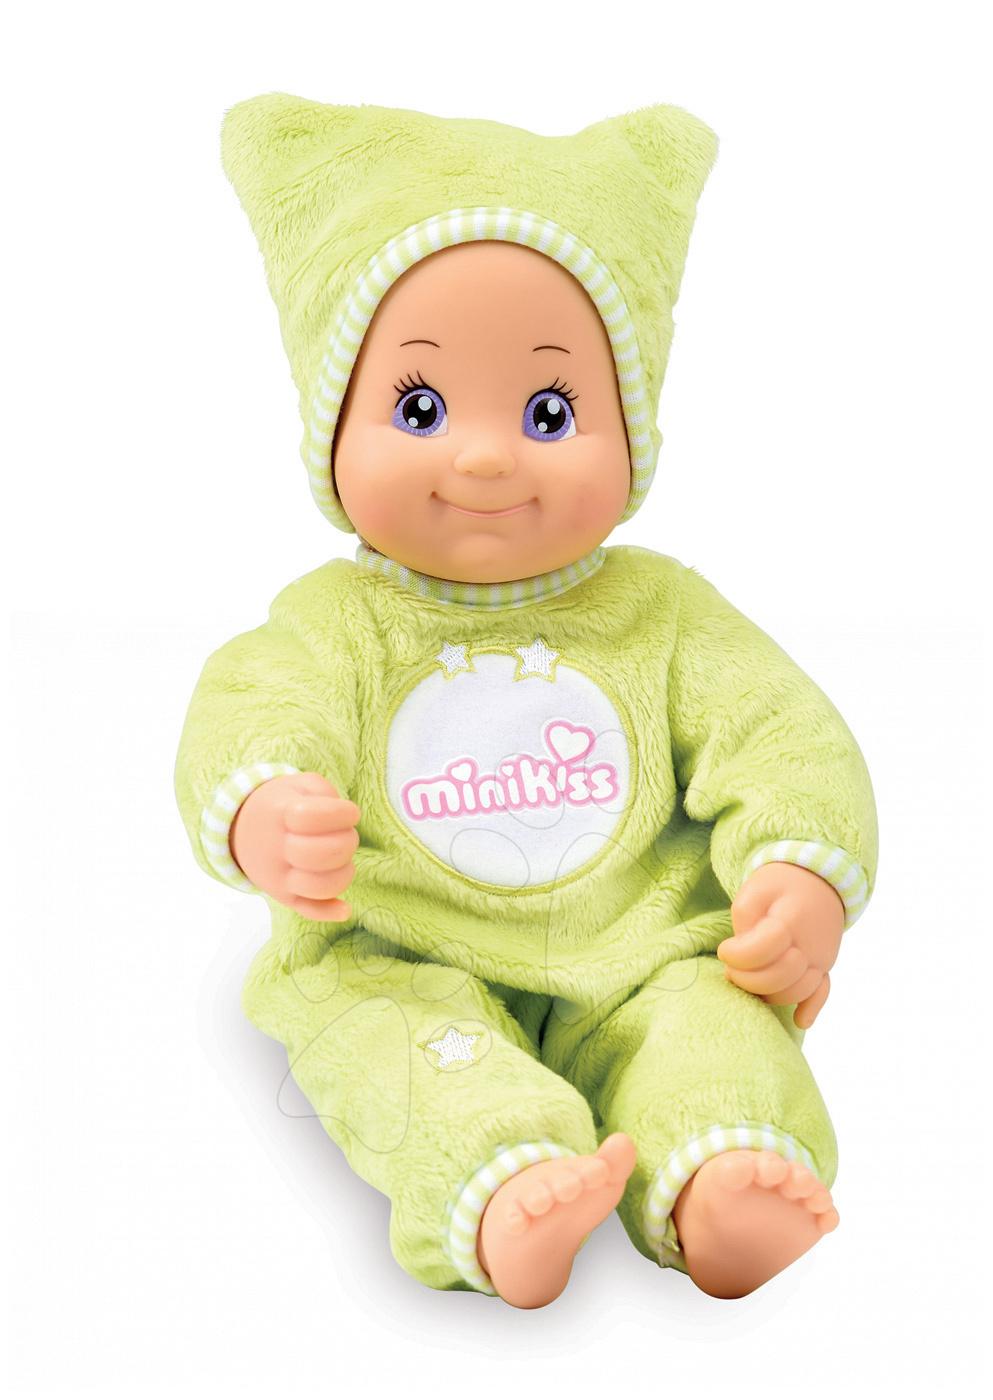 Bábiky od 9 mesiacov - Bábika so zvukom a svetlom DouDou MiniKiss Smoby 27 cm zelená od 12 mes